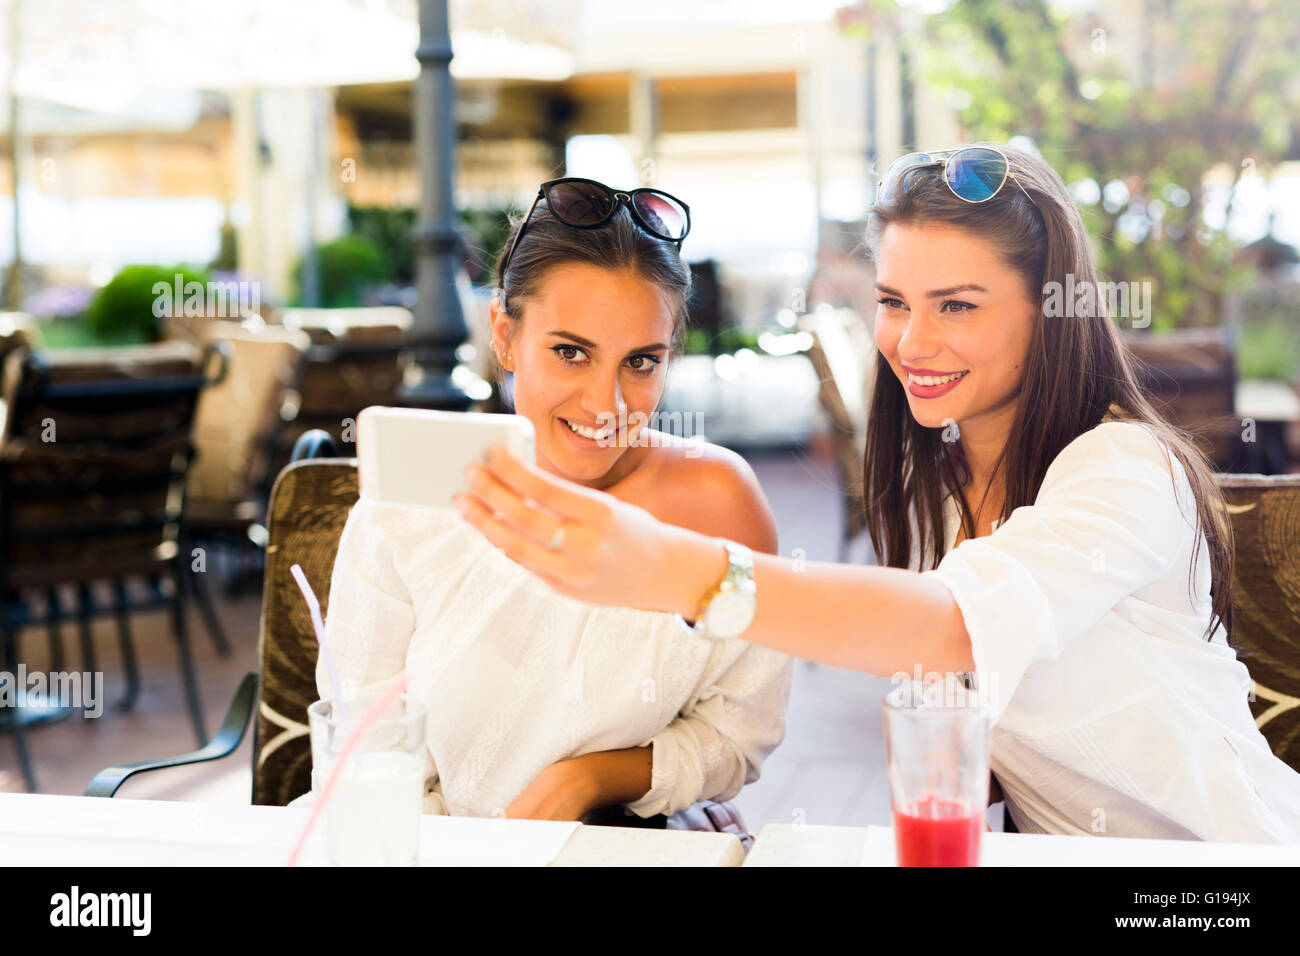 Zwei junge schöne Frauen, die eine Selfie von sich selbst in der Mittagspause Stockbild